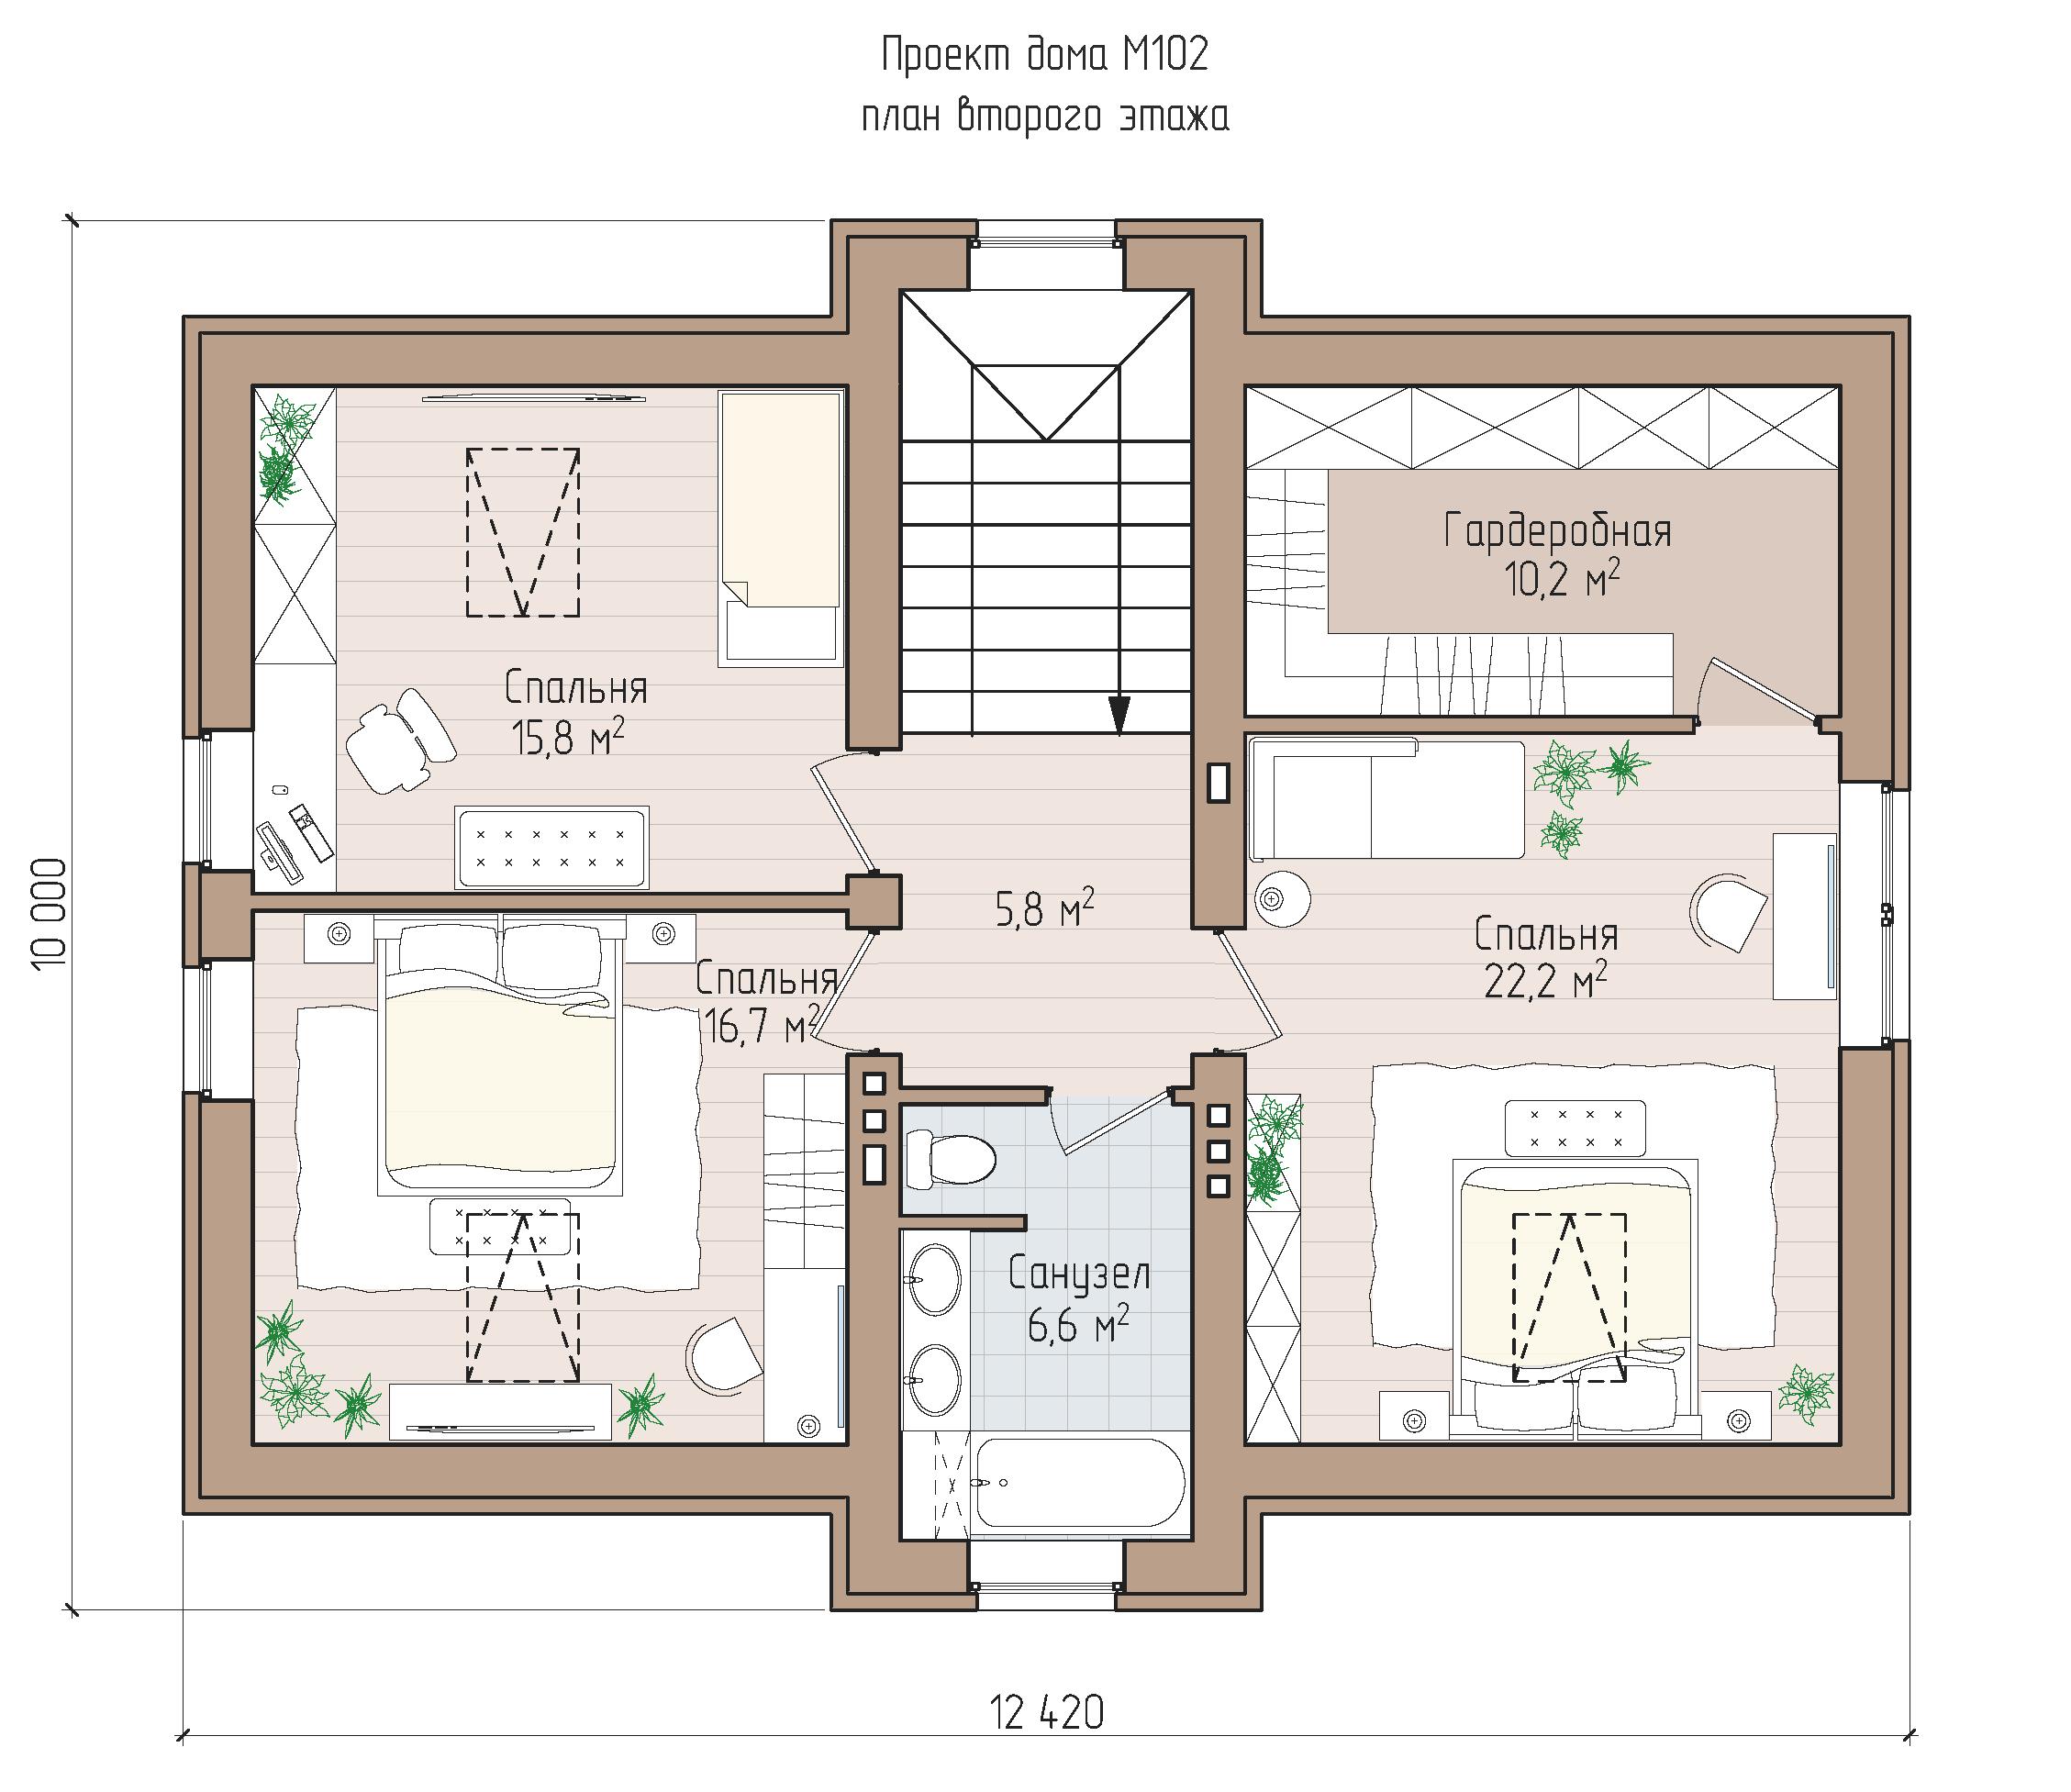 Современный коттедж с удобной планировкой